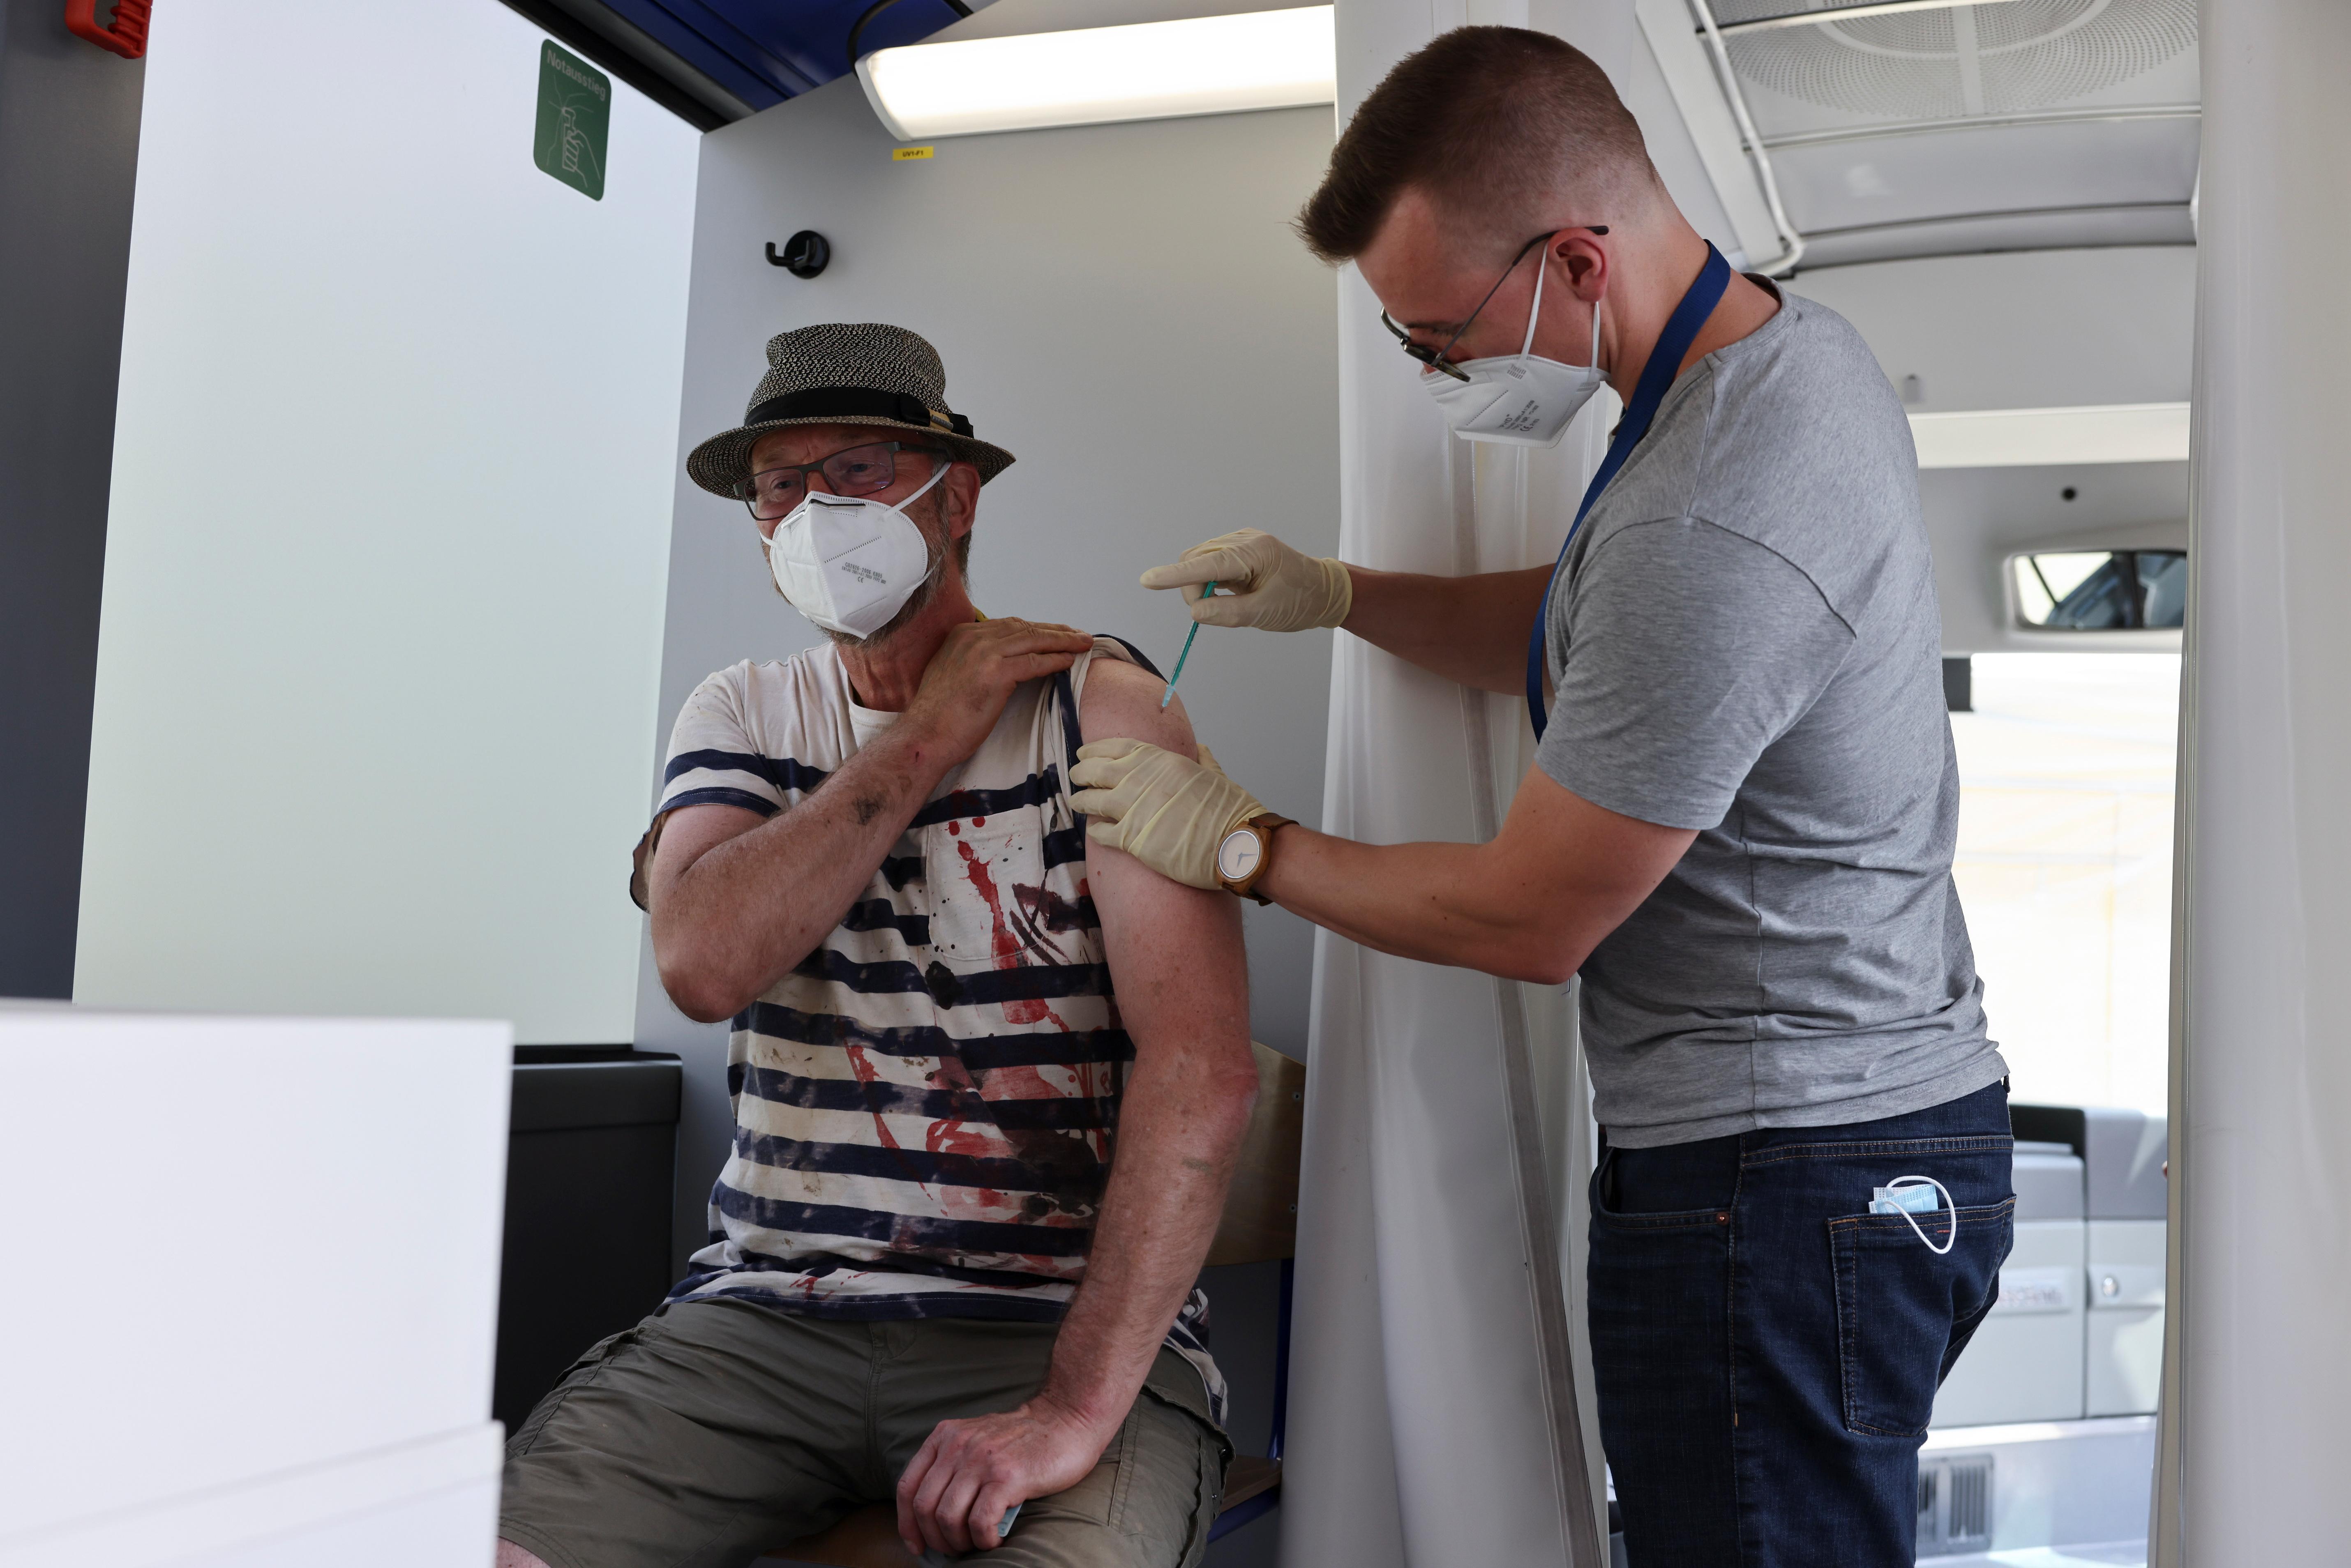 جرمنی ، 19 جولائی ، 20 کو آرین ویلر بریڈ نیوینہر-احرویلر ، جرمنی میں ، بارش کے بعد شدید بارشوں کے نتیجے میں آنے والے سیلاب کے بعد ، ایک شخص کو بس میں کورونیو وائرس کے خلاف ویکسین کی ایک خوراک مل گئی۔ رائٹرز / کرسچن منگ